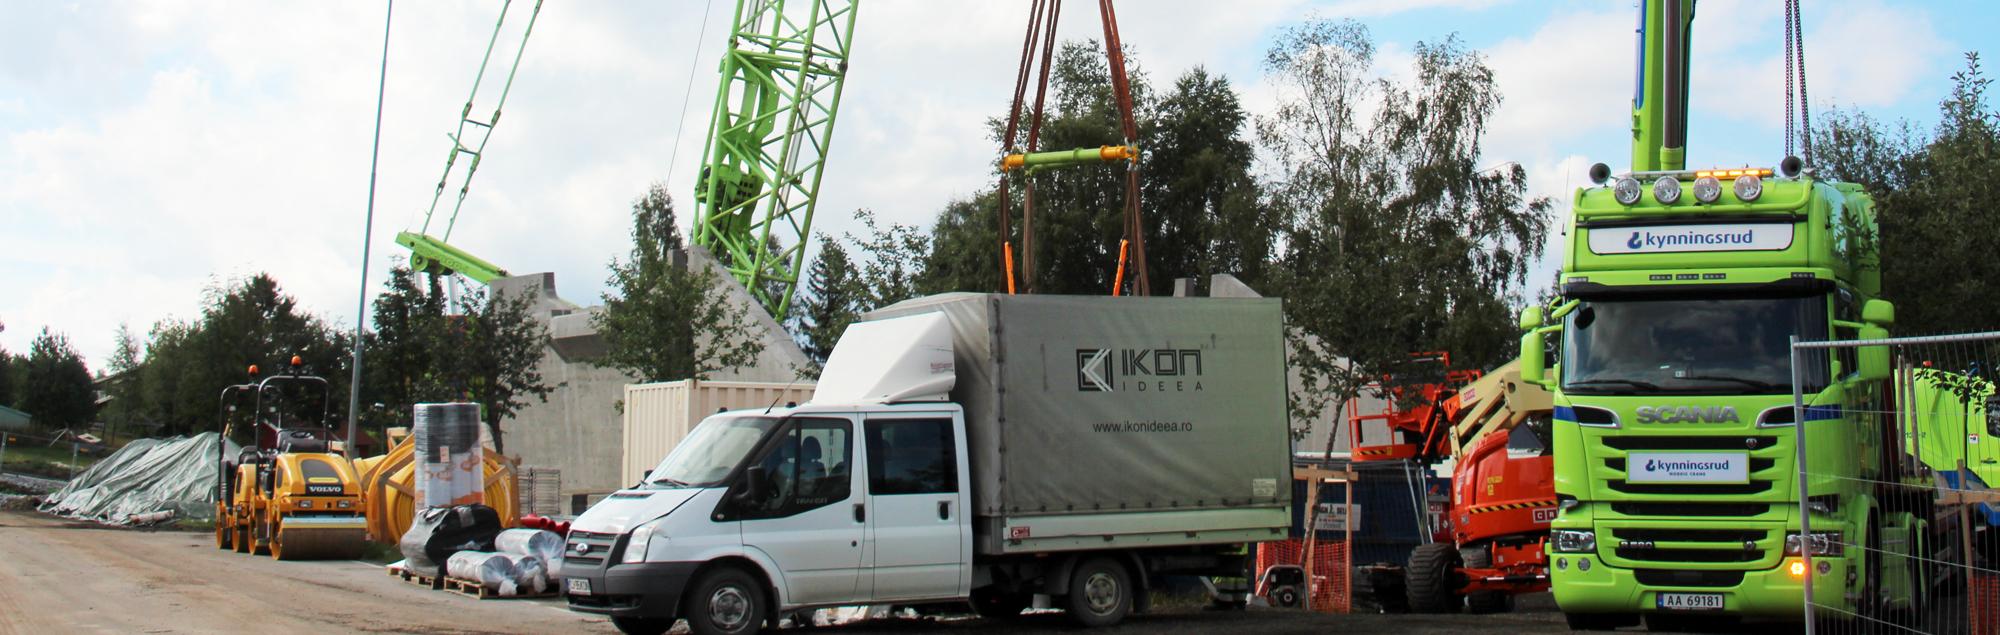 Beltekran flytter betongelementer på Løten